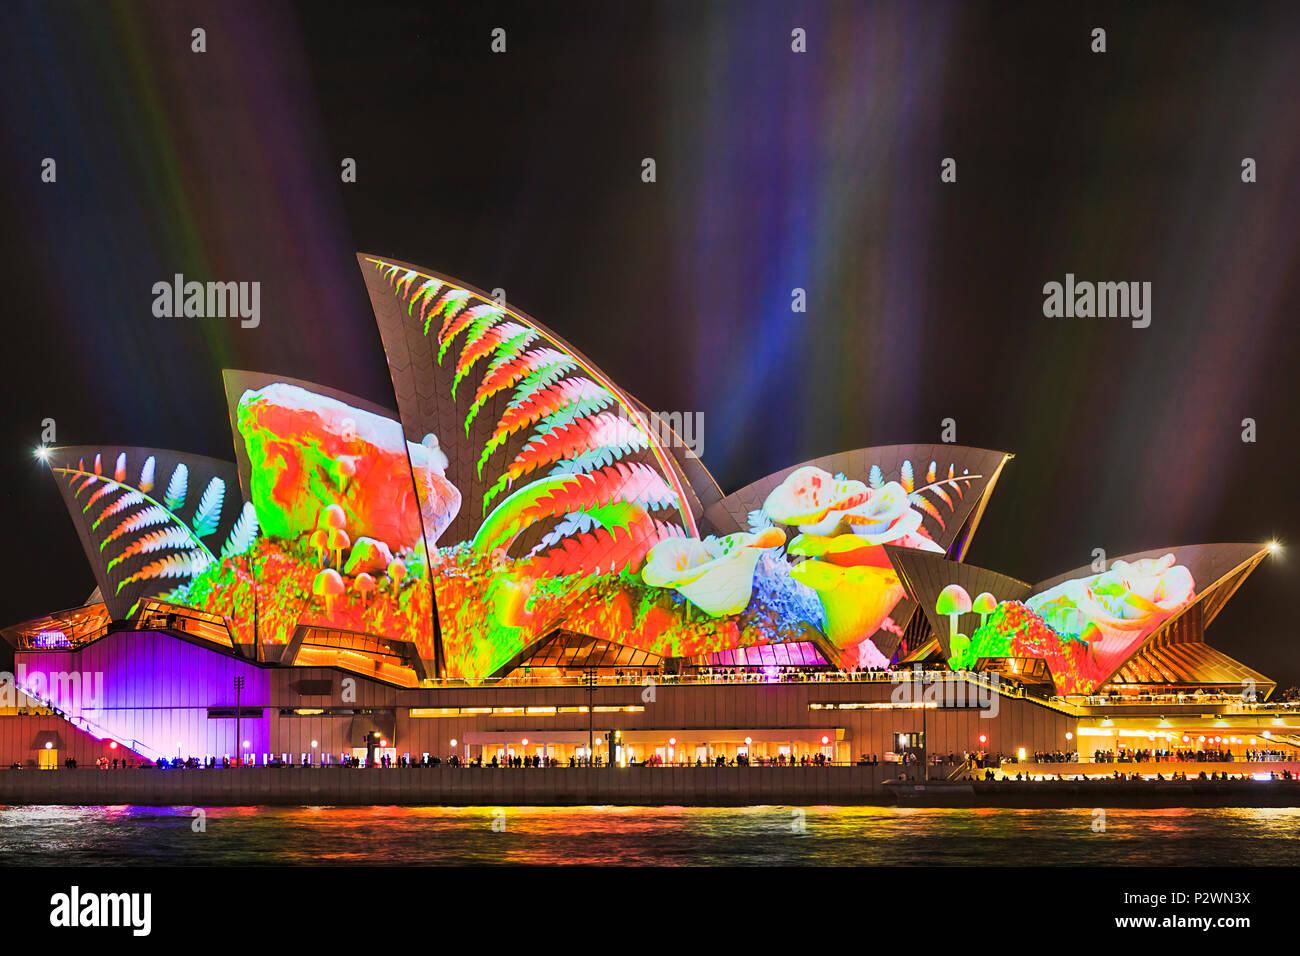 Sydney, Australie - 25 mai, 2018: la ville de Sydney vue de l'Opéra de Sydney Harbor waterfront pendant light show annuel de la lumière et des idées à brig Photo Stock